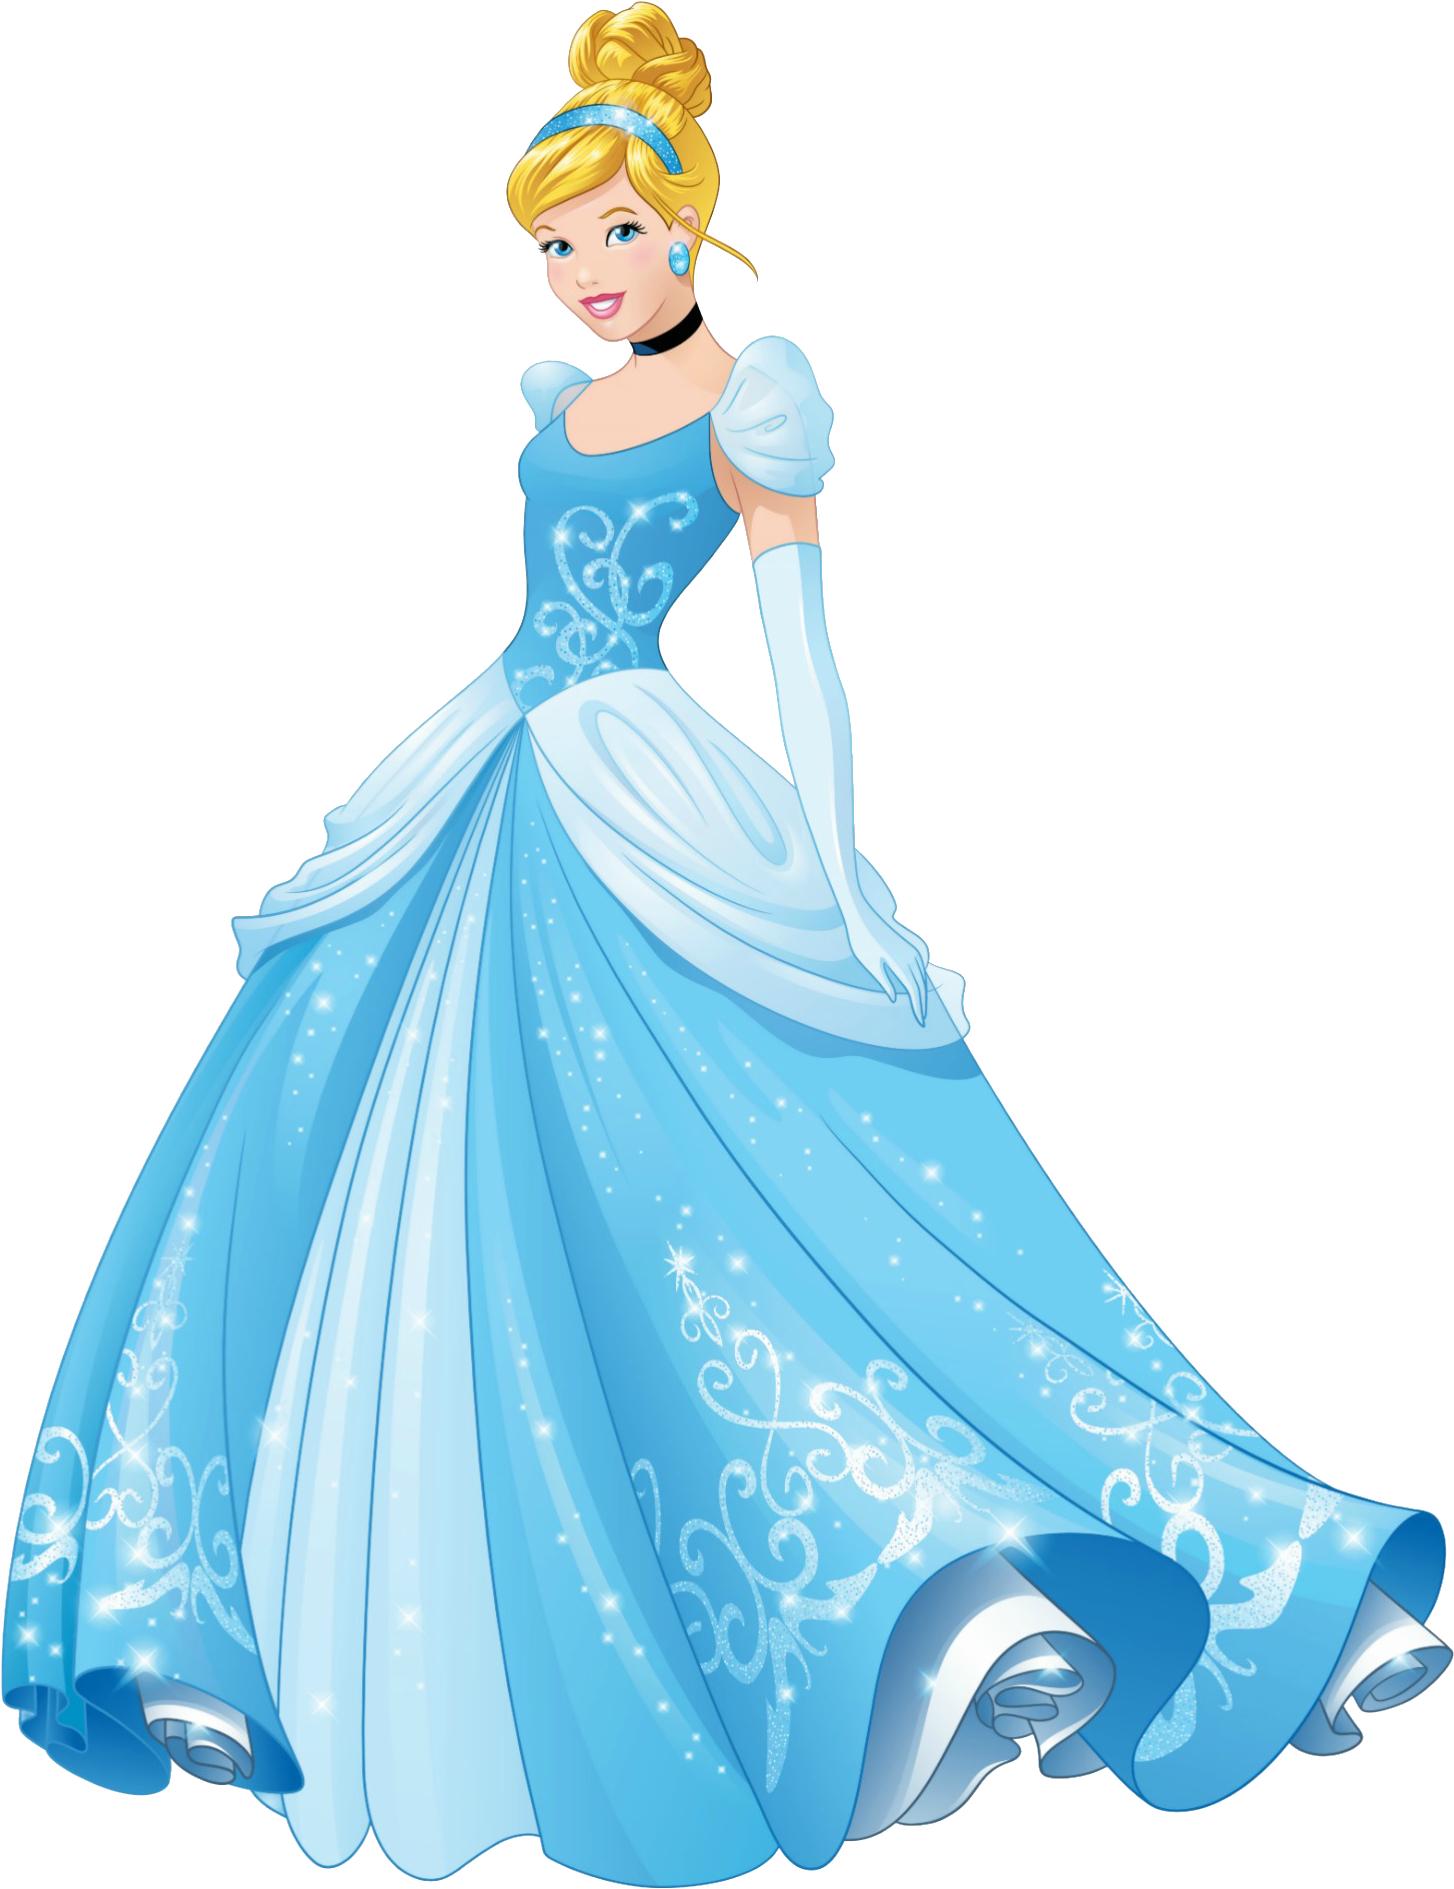 Disney Princess Disney Wiki Fandom